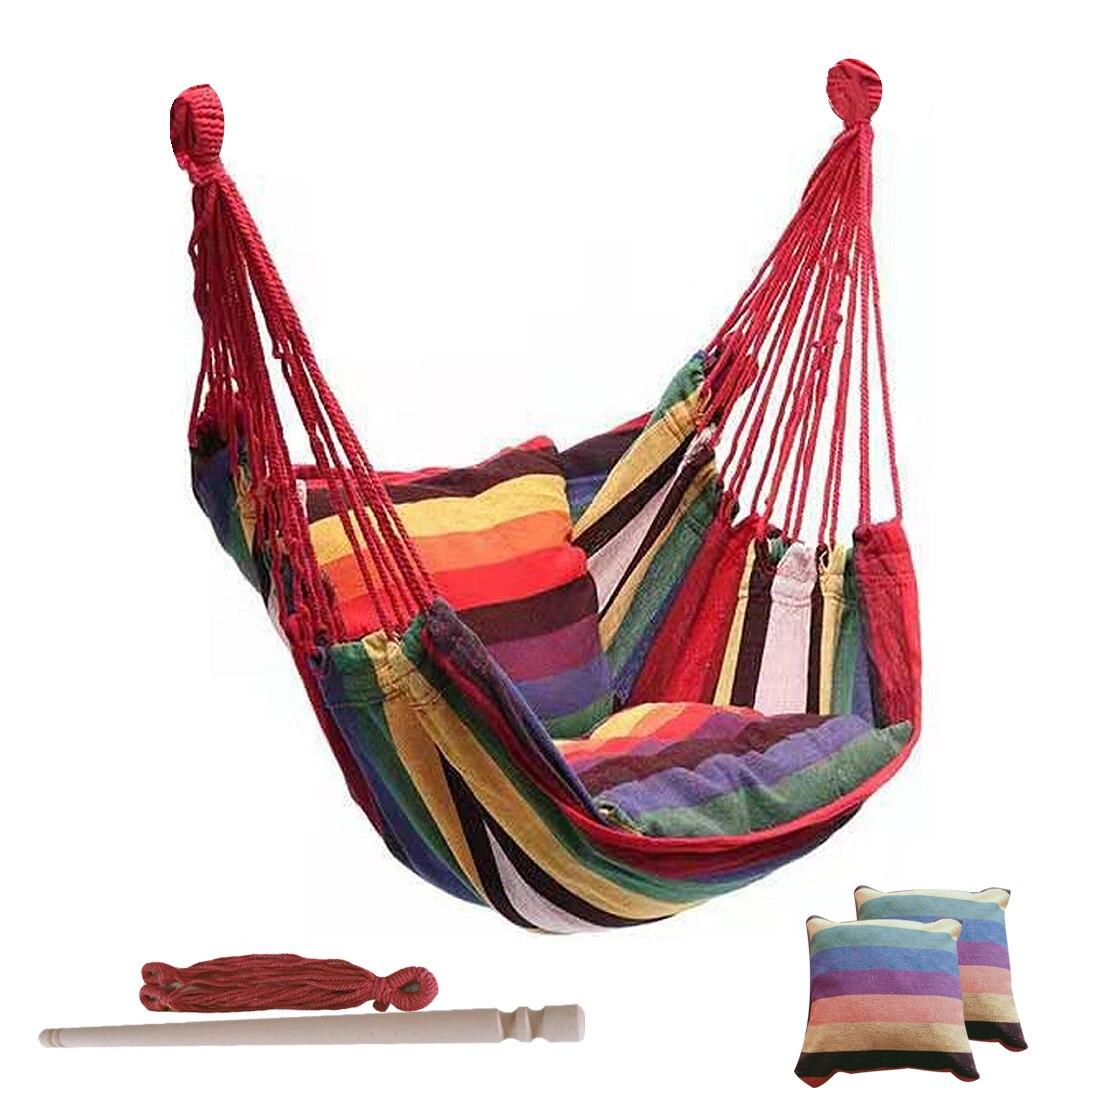 Портативный уличный гамак, качели, утолщенное кресло-качели, подвесное качели, портативное расслабляющее холщовое качели для путешествий, ...